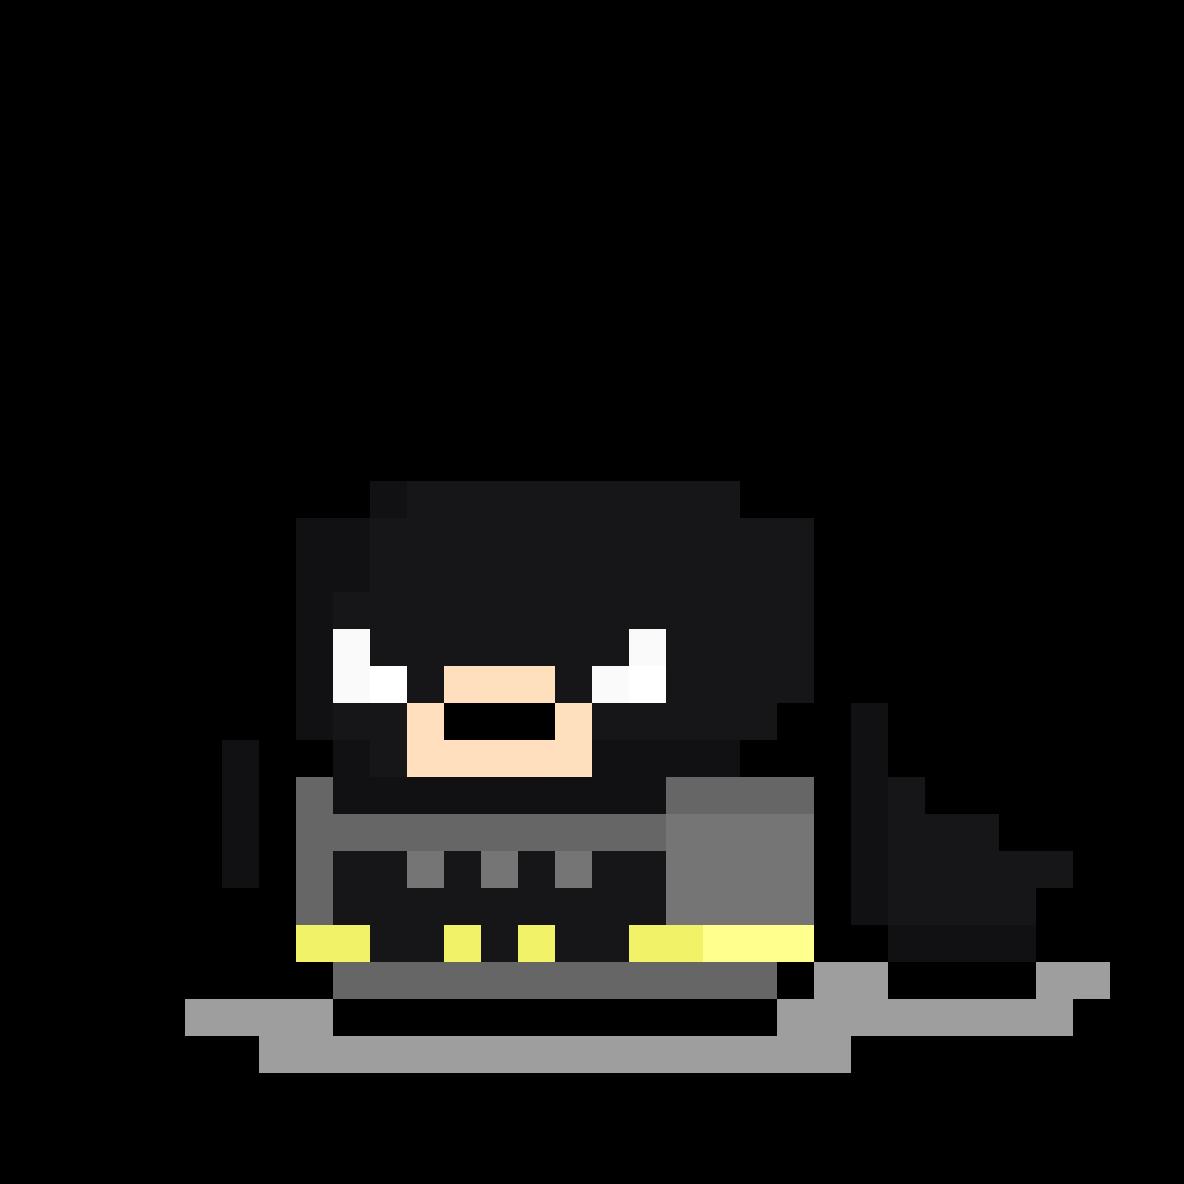 Meepman(Batman) by MeepMeep